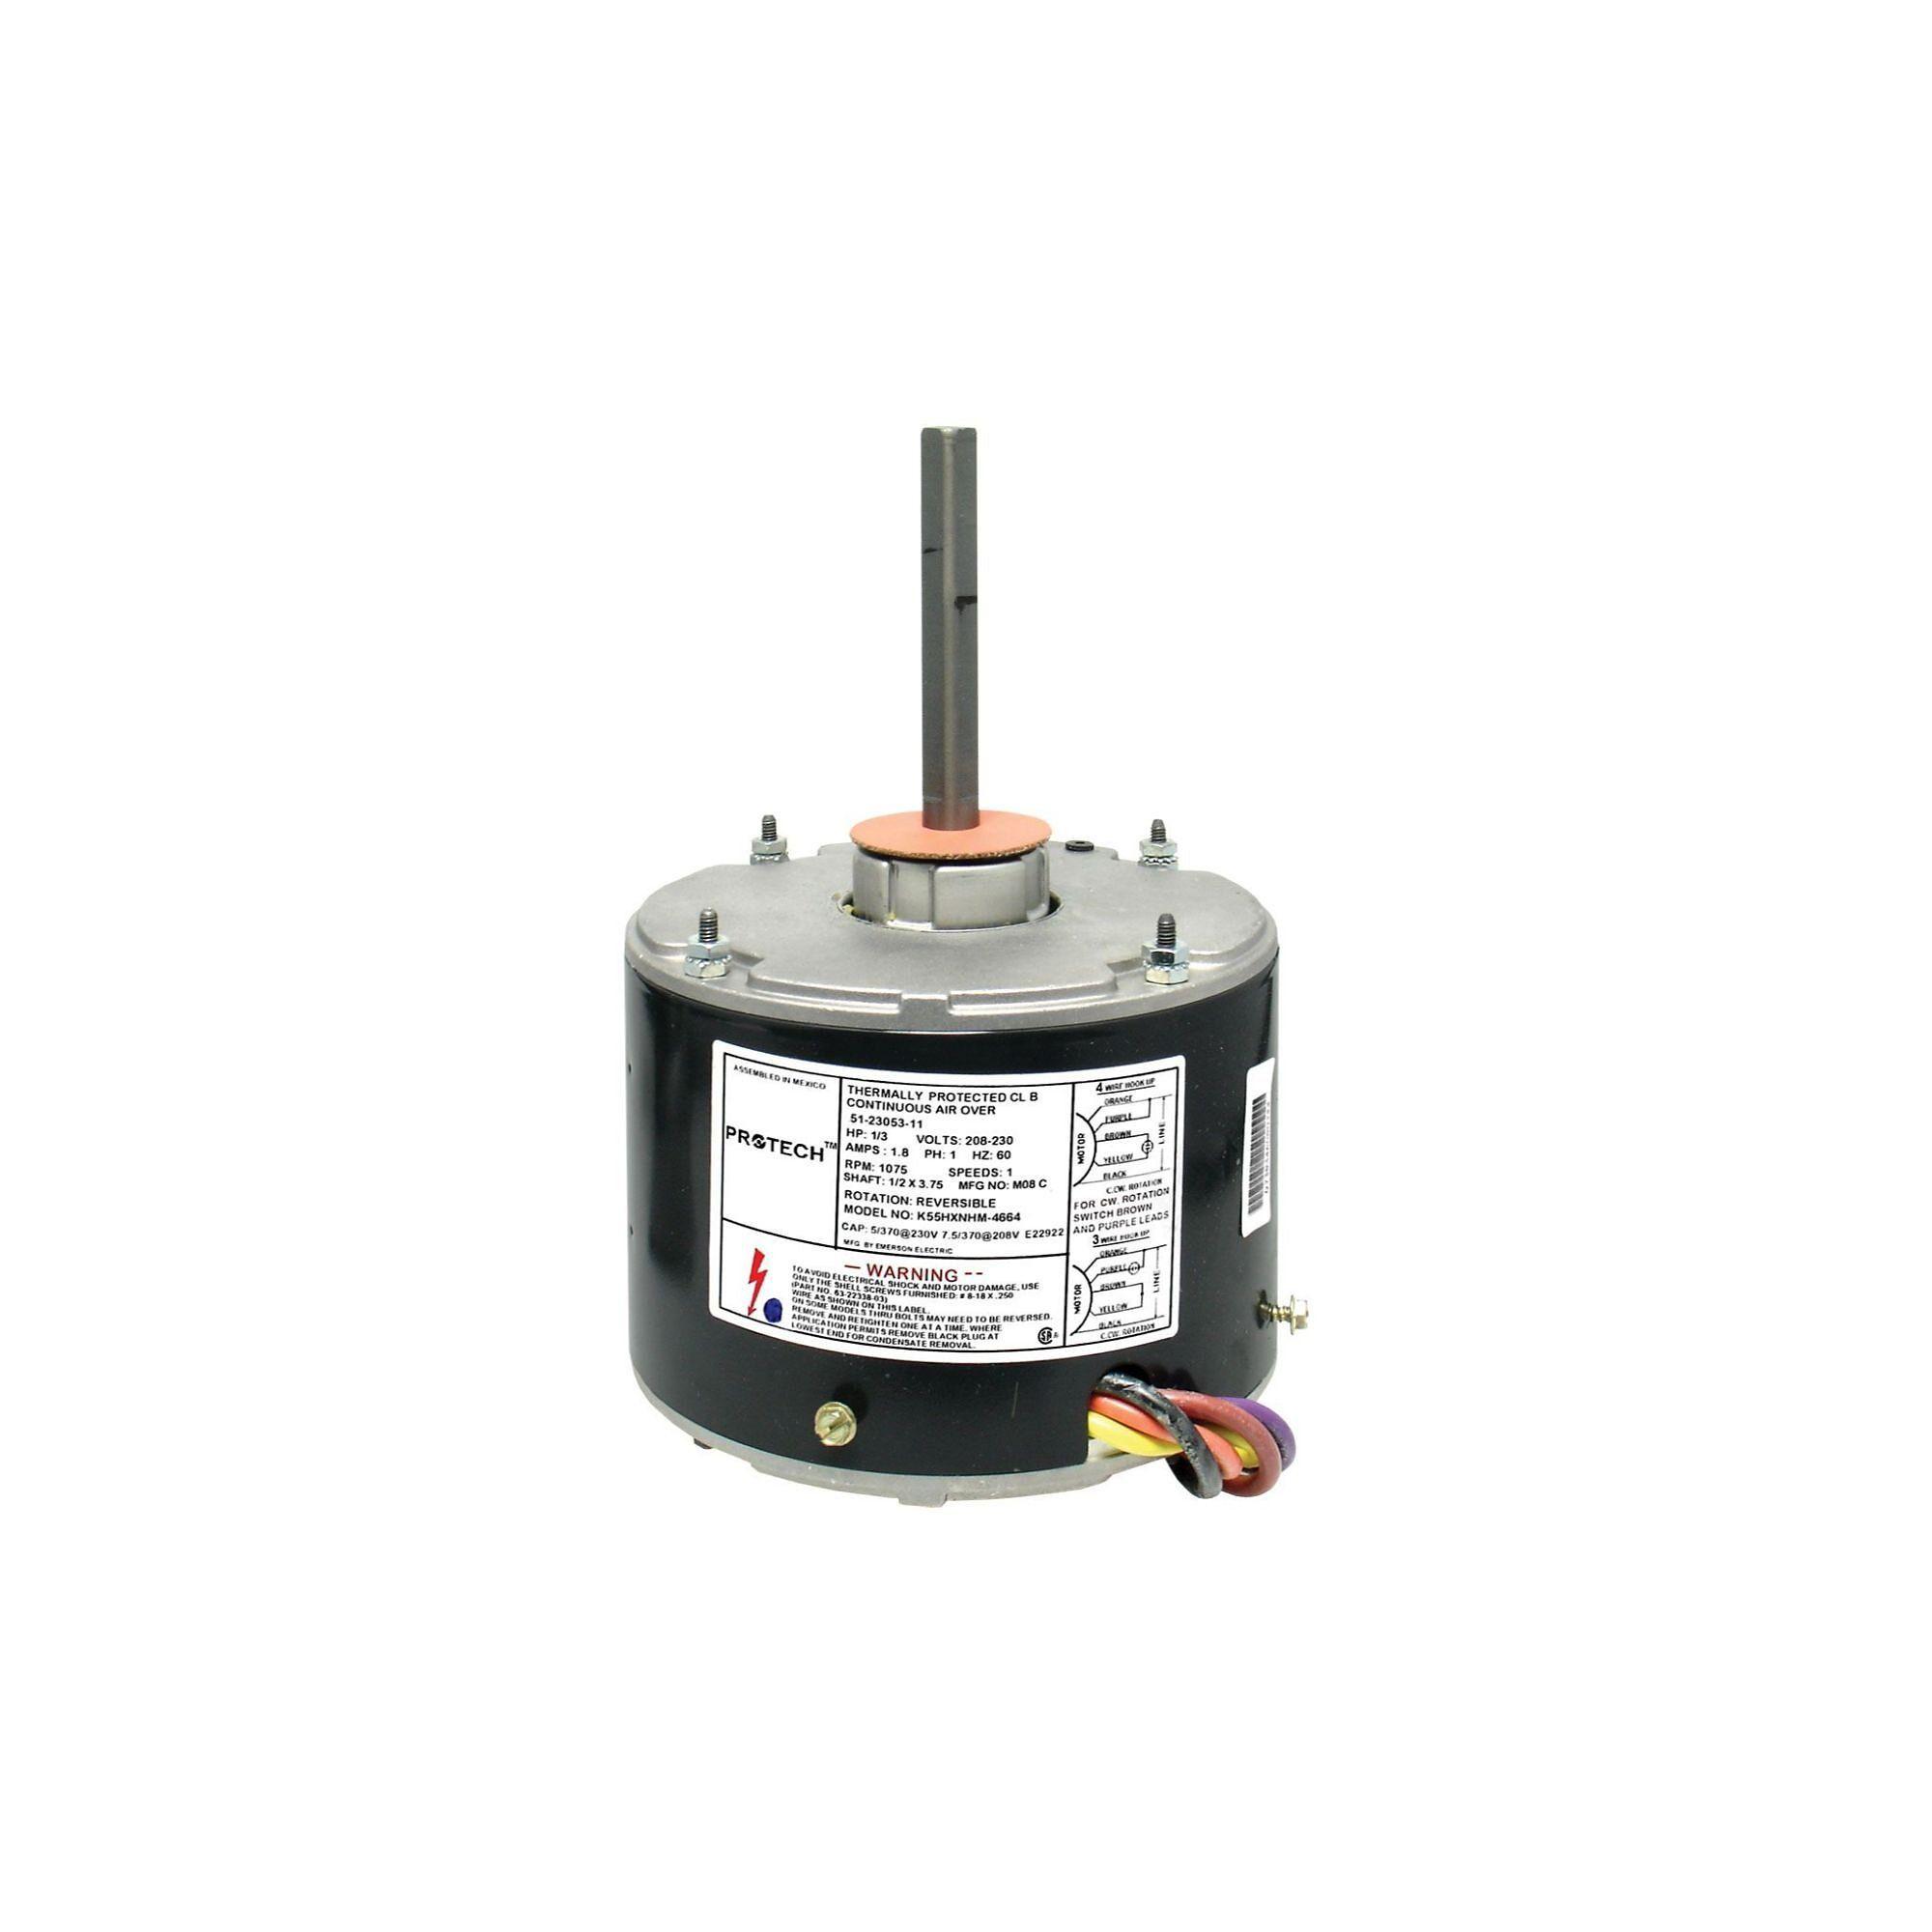 Rheem Parts 51 23053 11 Condenser Motor 1 3 Hp 208 230 1 60 1075 Rpm 1 Speed In 2020 Motor Condensation Speed